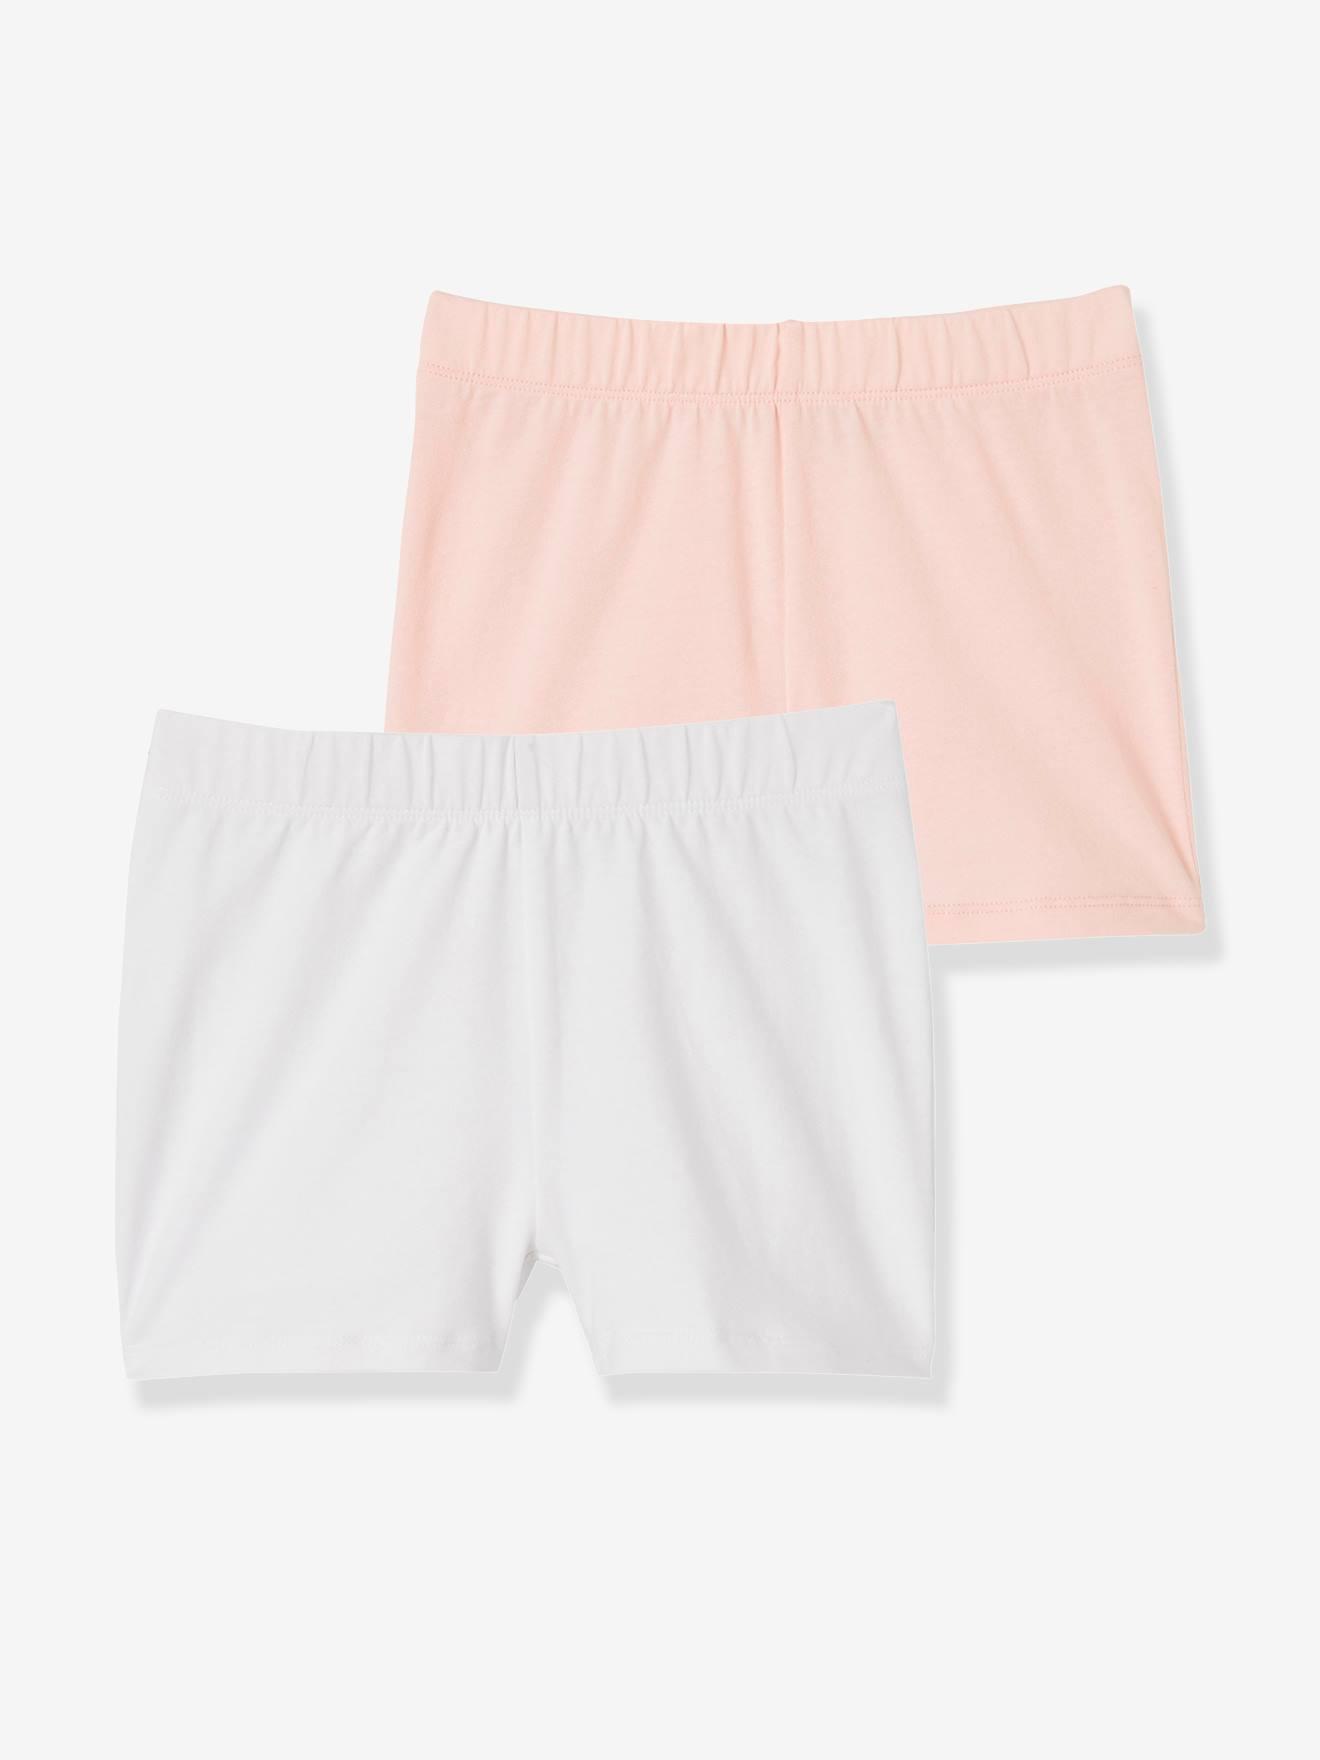 Lot de 2 shorts fille à porter sous robe